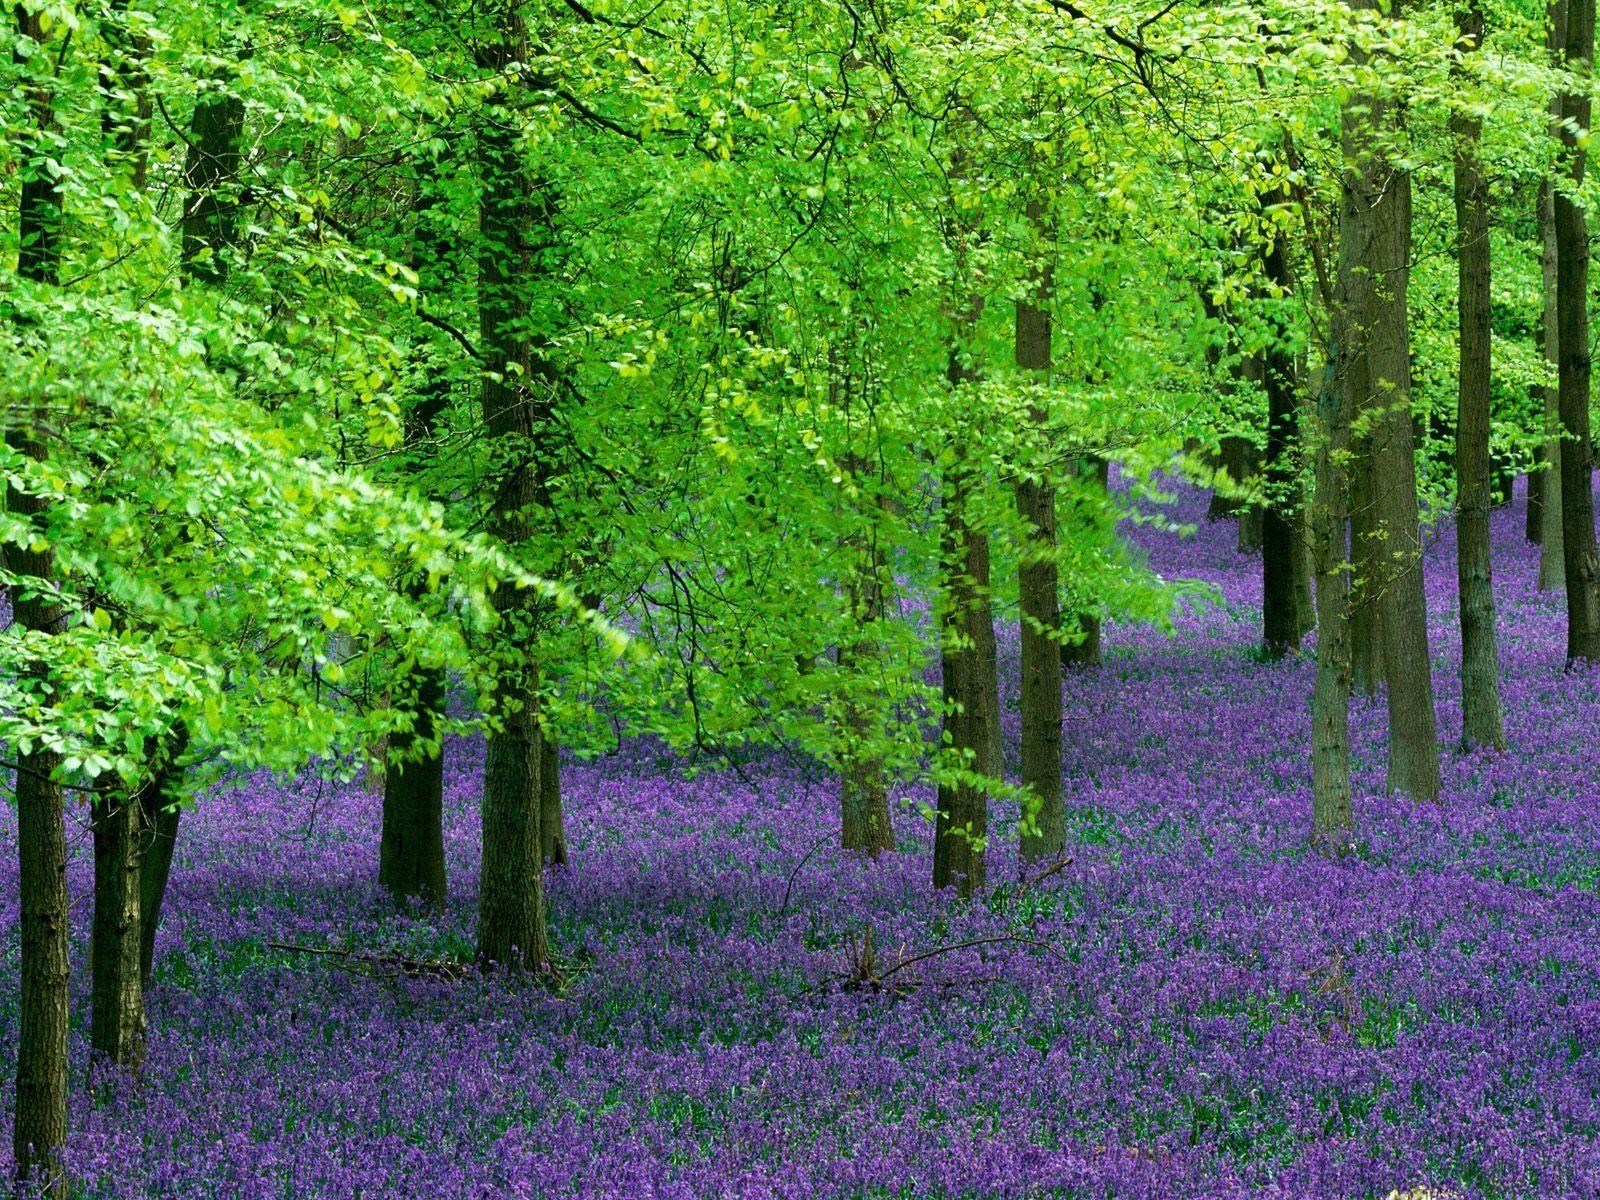 Ein Meer aus Blauvioletten Blumen